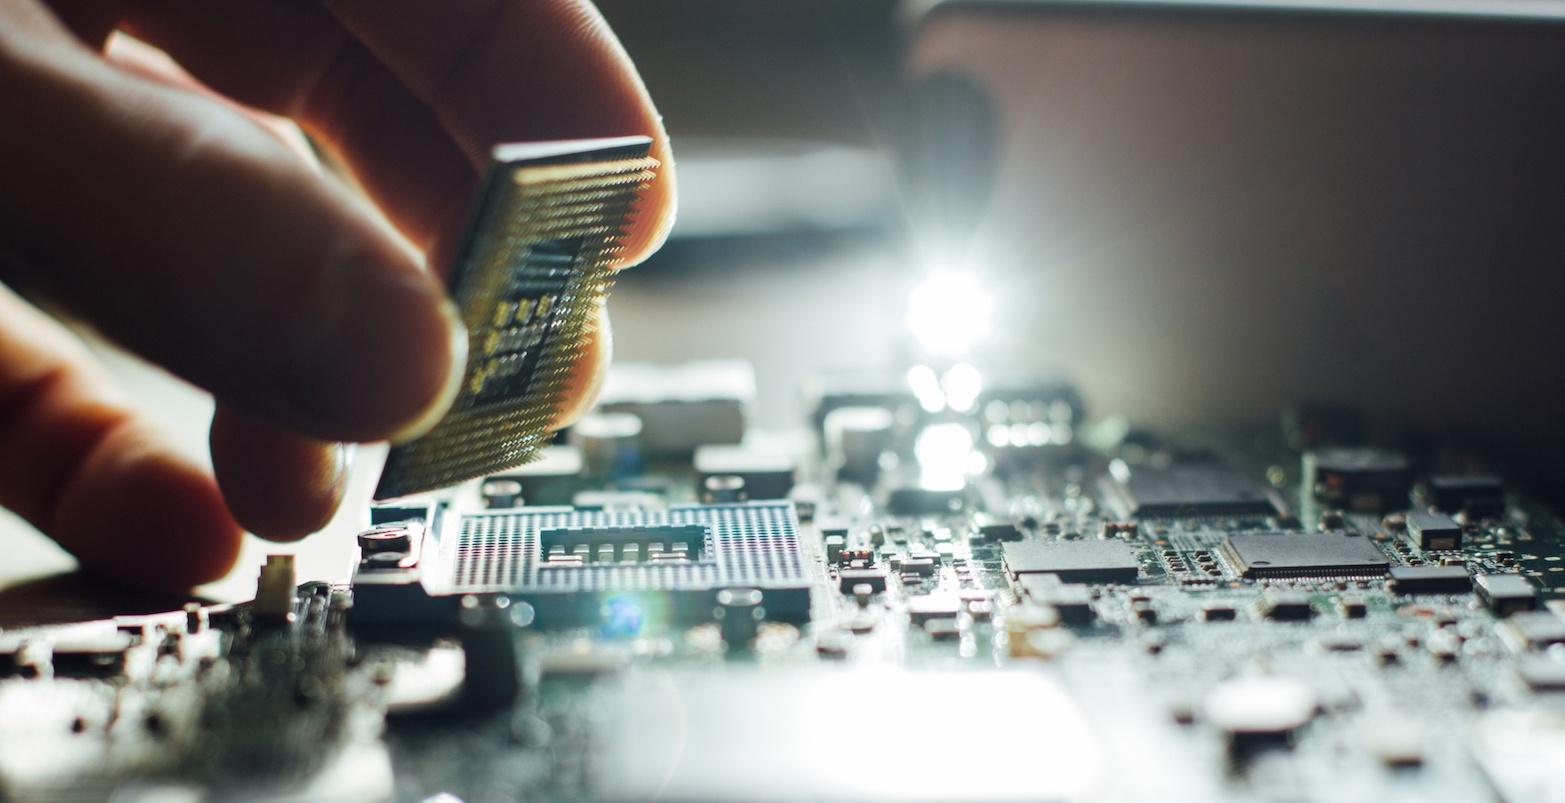 關于物聯網電路板的5個問題和答案